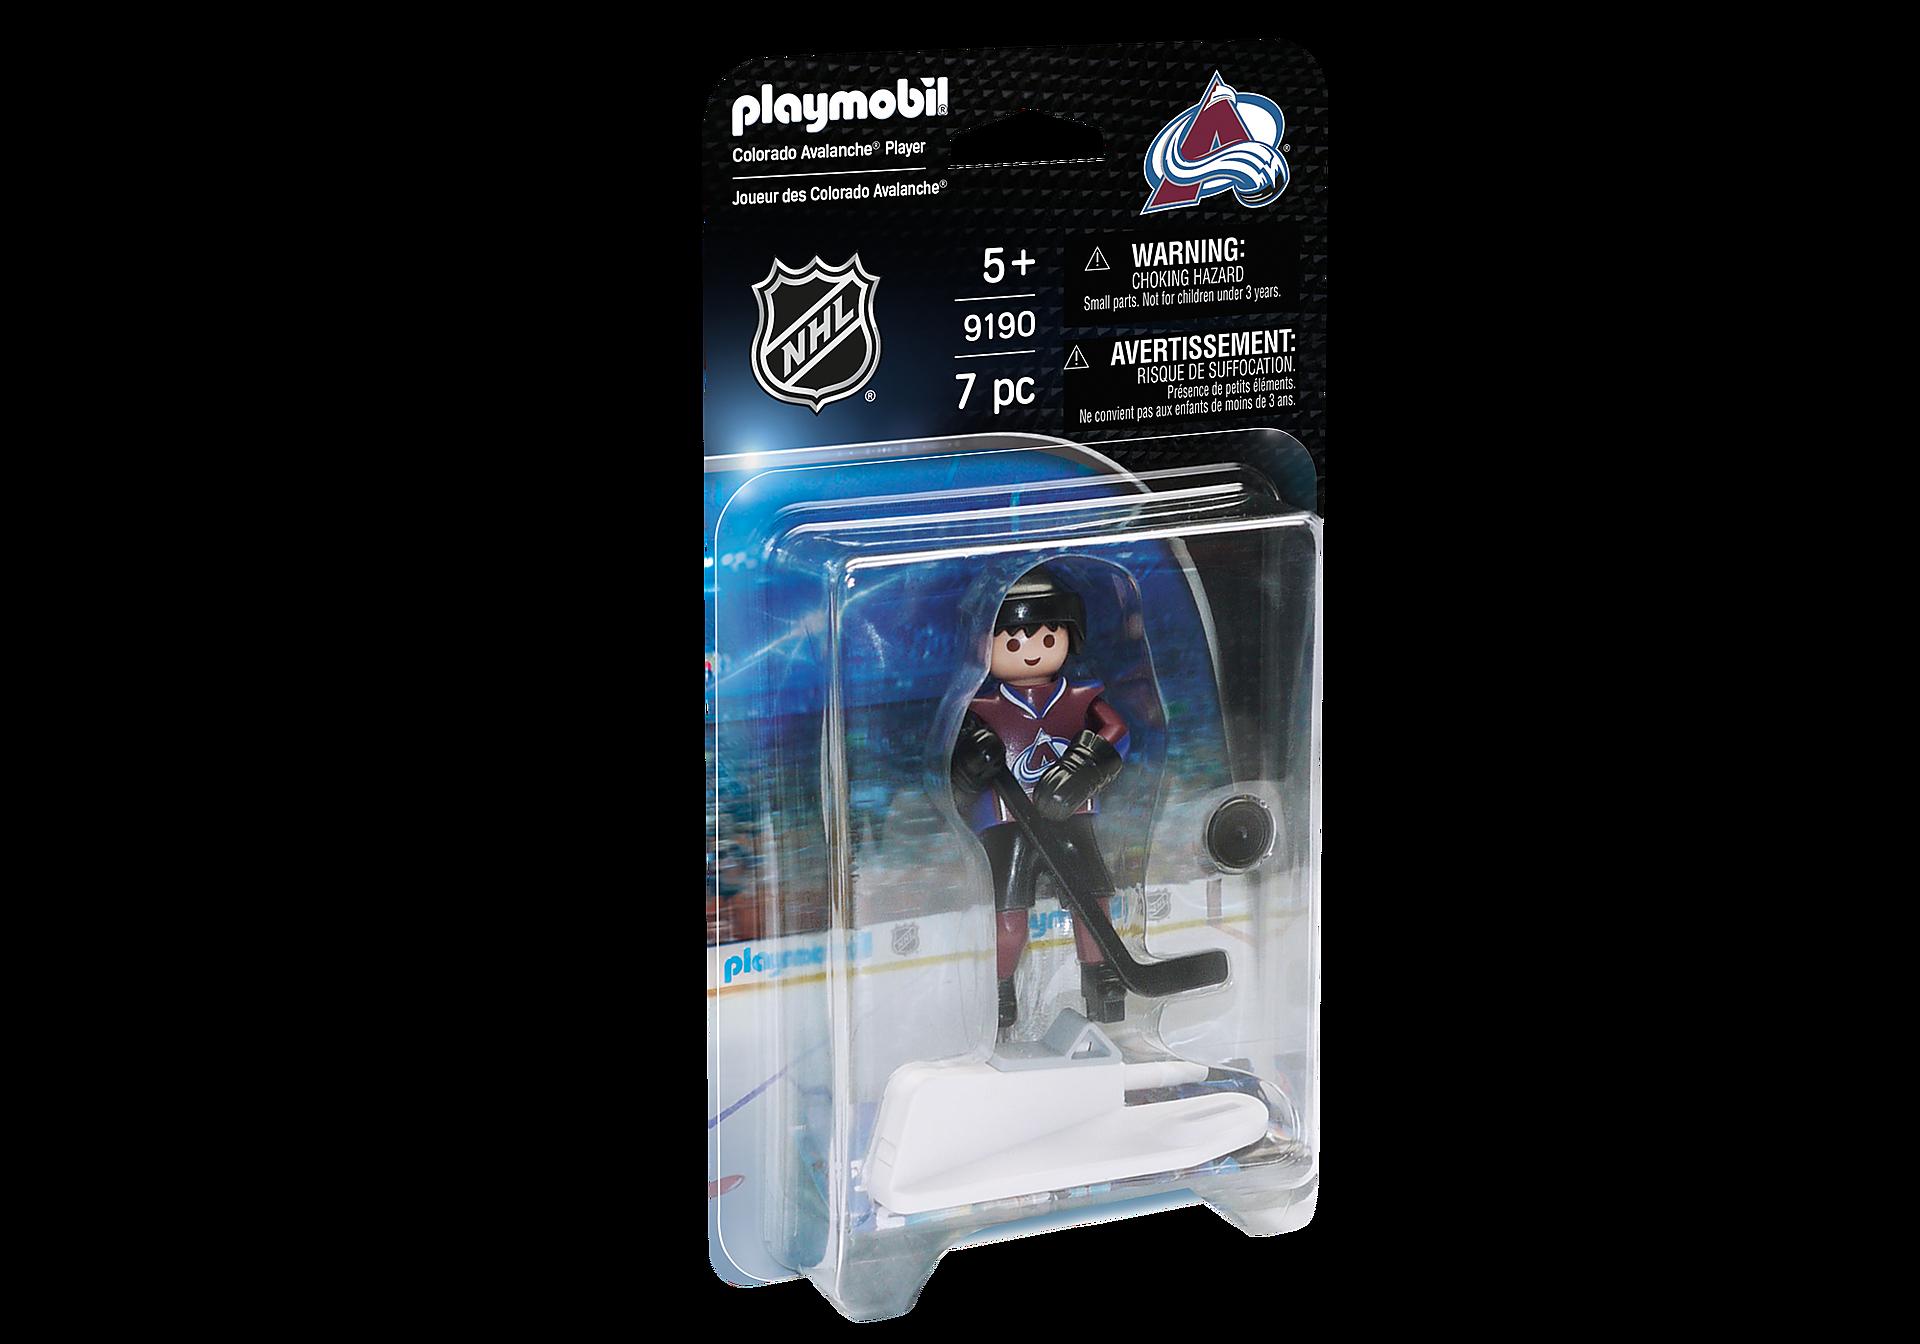 9190 NHL™ Colorado Avanlanche™ Player zoom image2